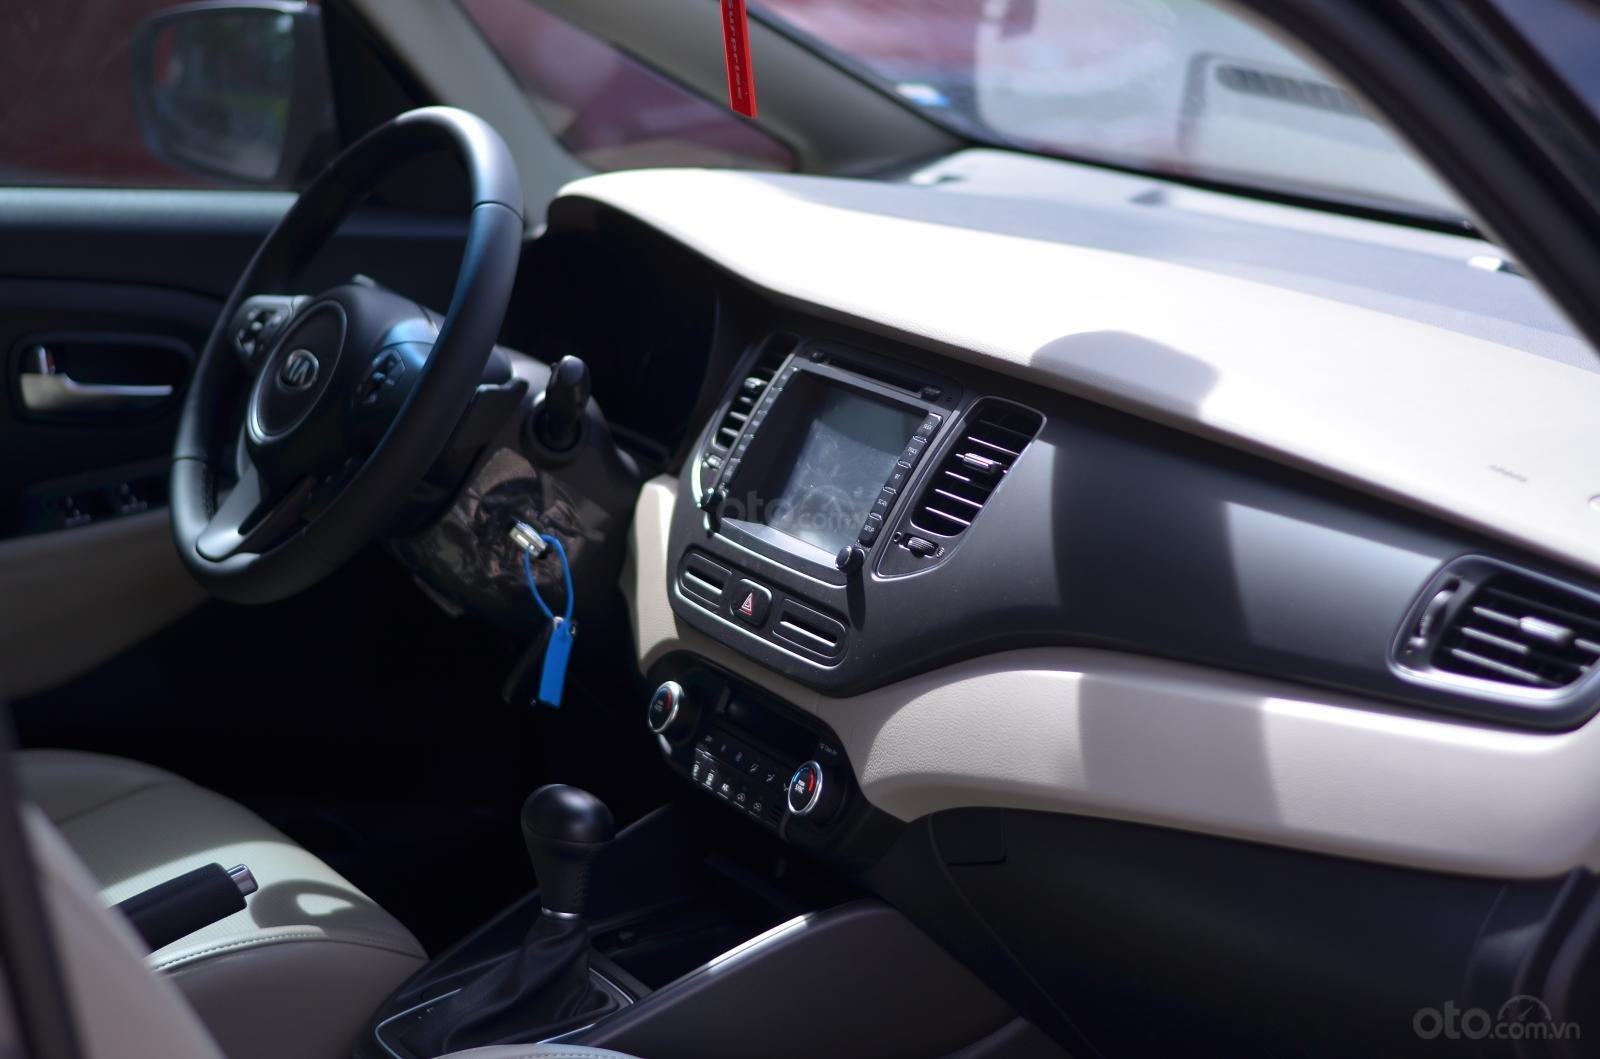 Xe Kia Rondo 2019 giá ưu đãi có xe giao ngay, số lượng xe có hạn (12)